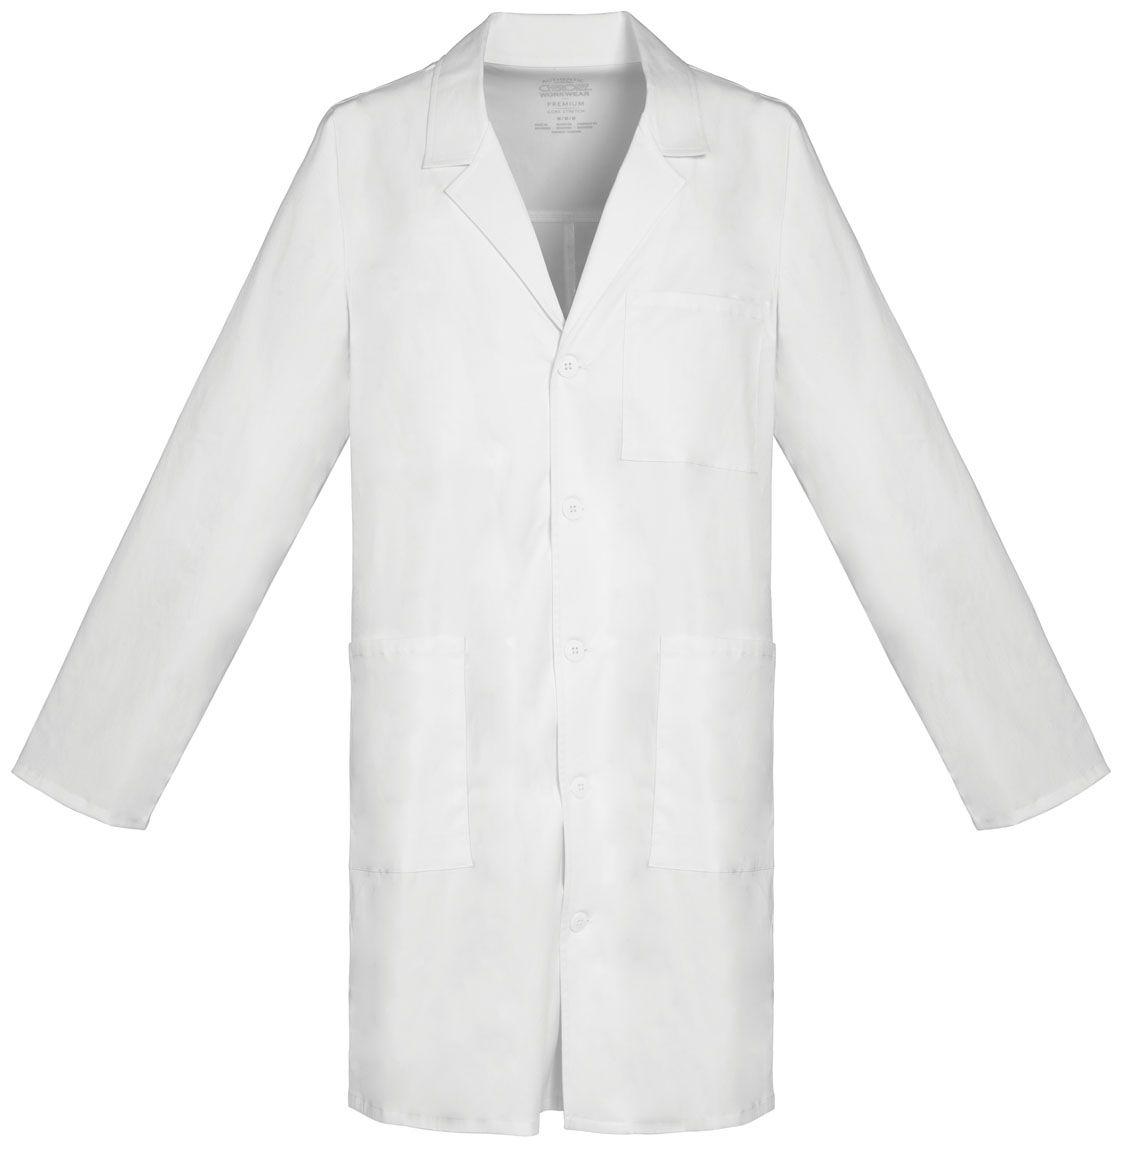 cd8a5ff8fcadd Купить Медицинский халат унисекс Cherokee 4403 с доставкой в ...